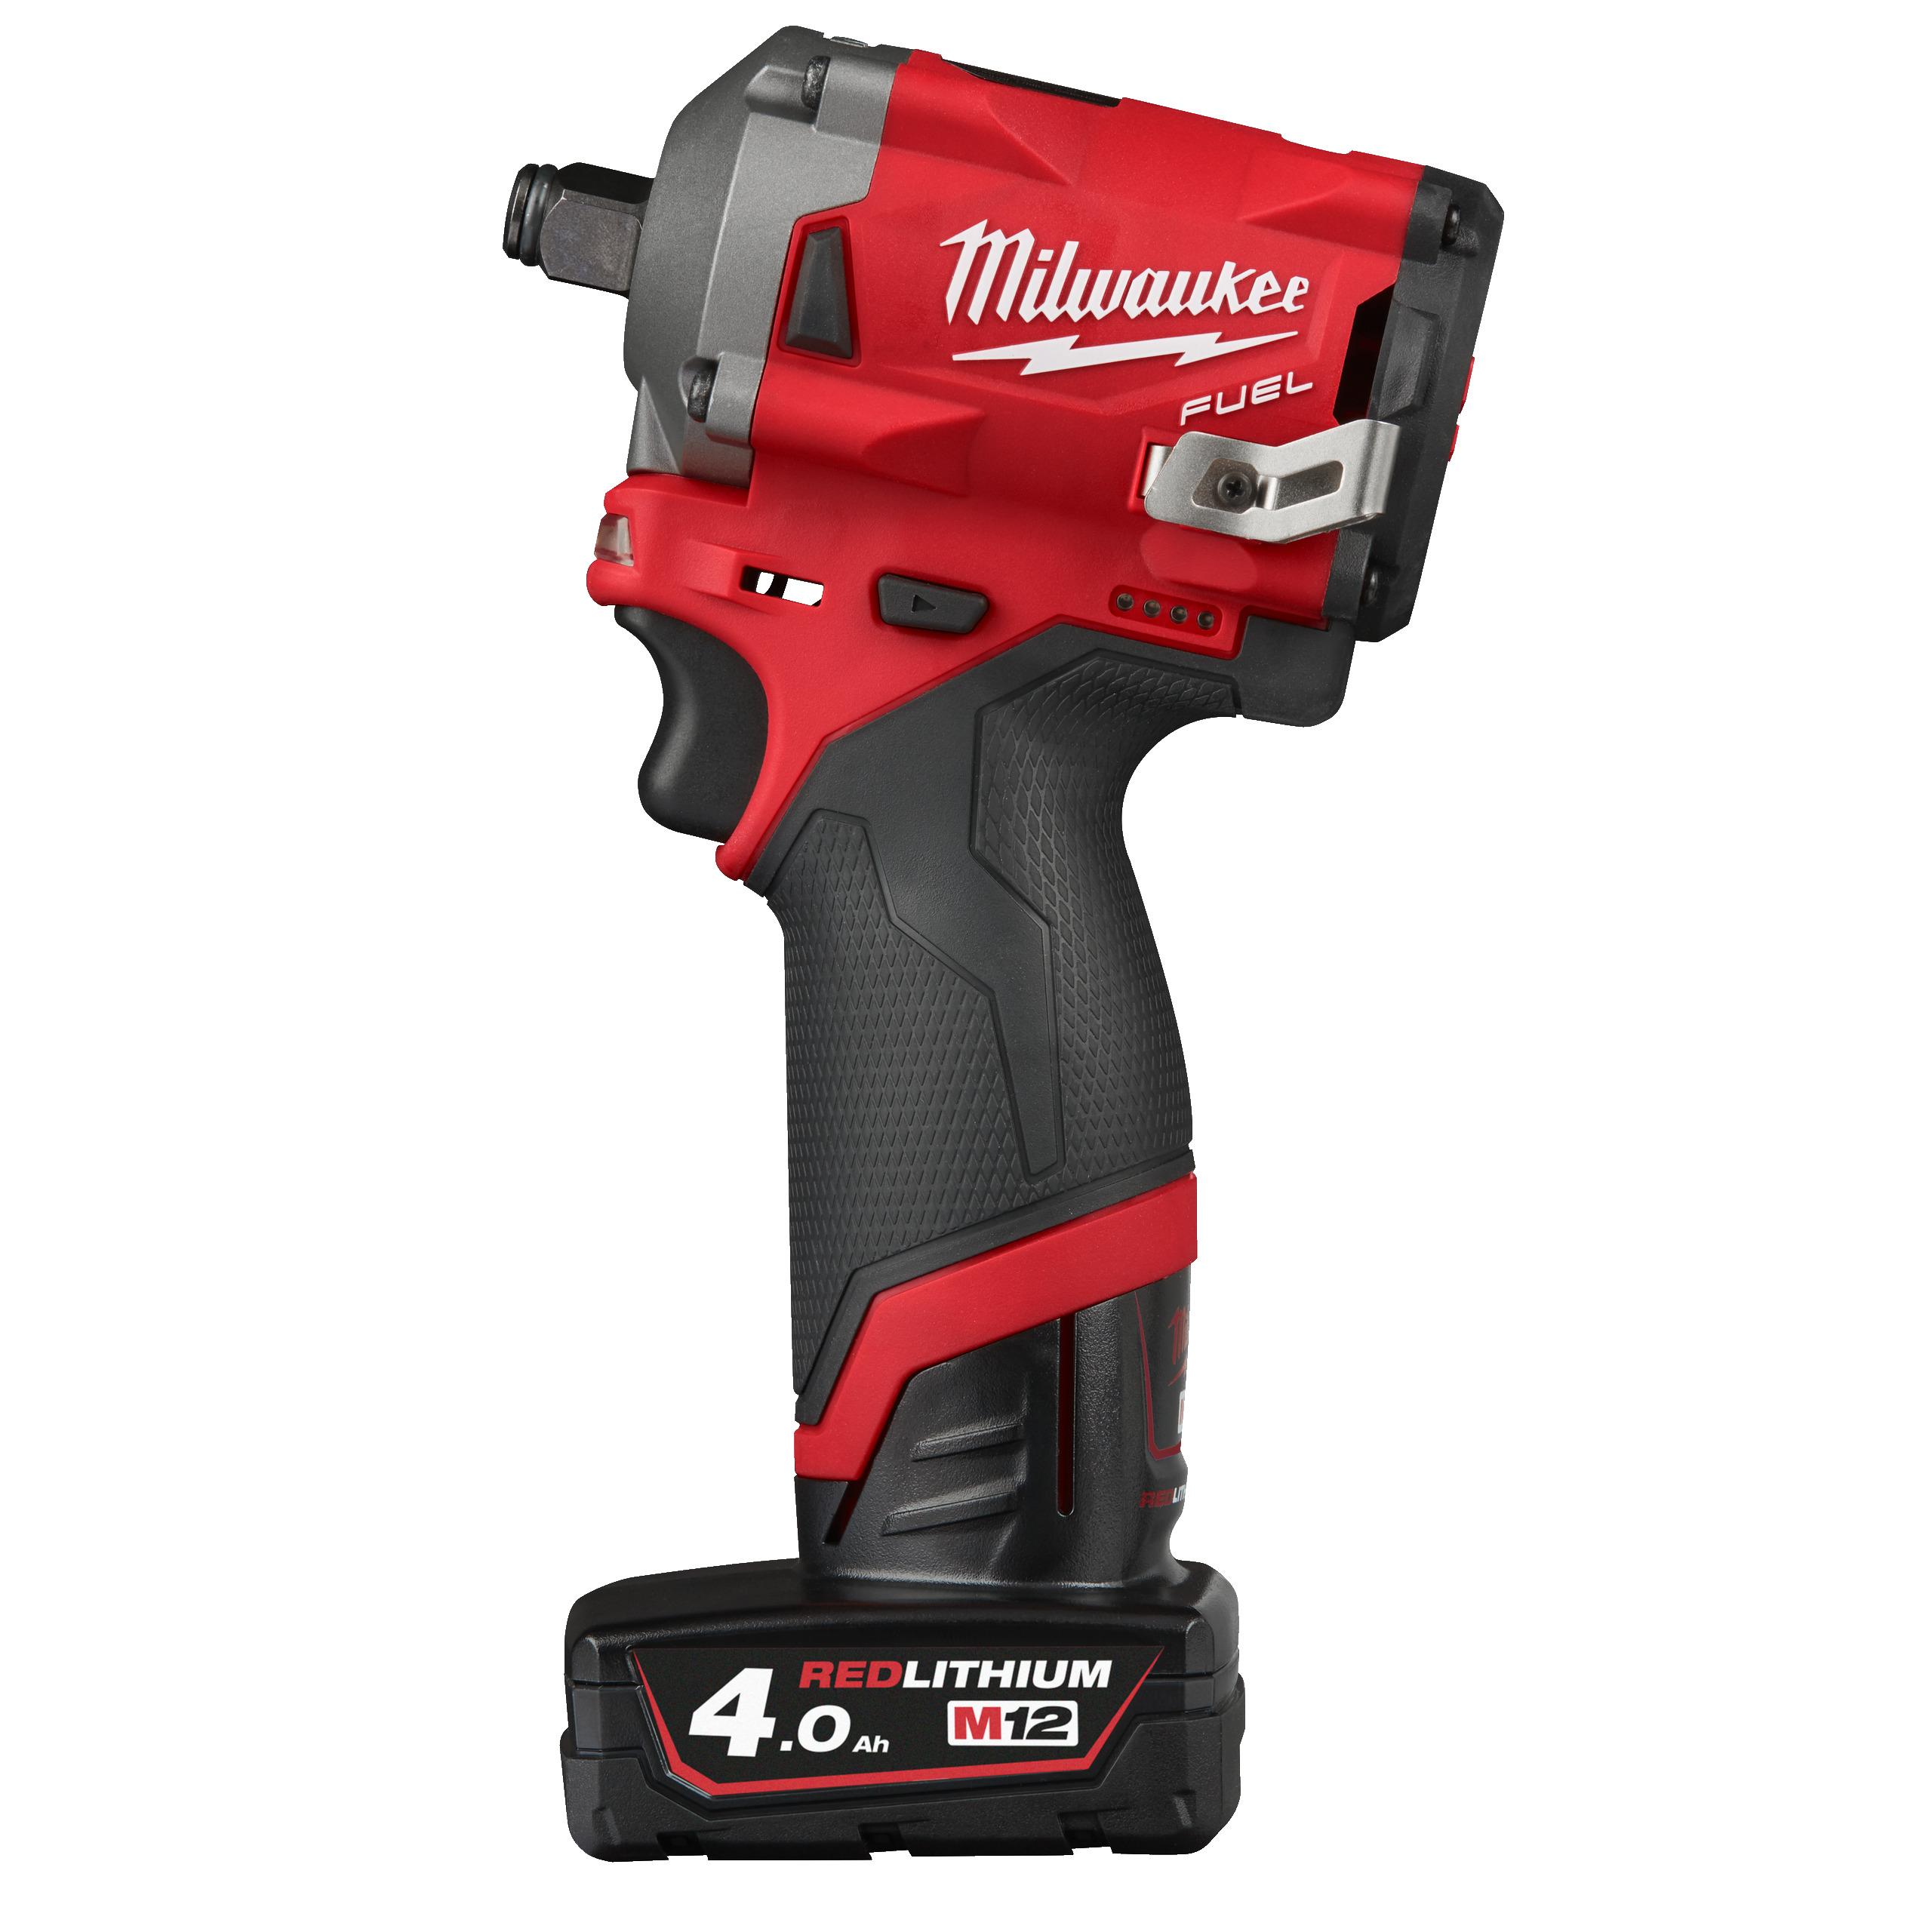 MILWAUKEE M12 FIWF12-422X